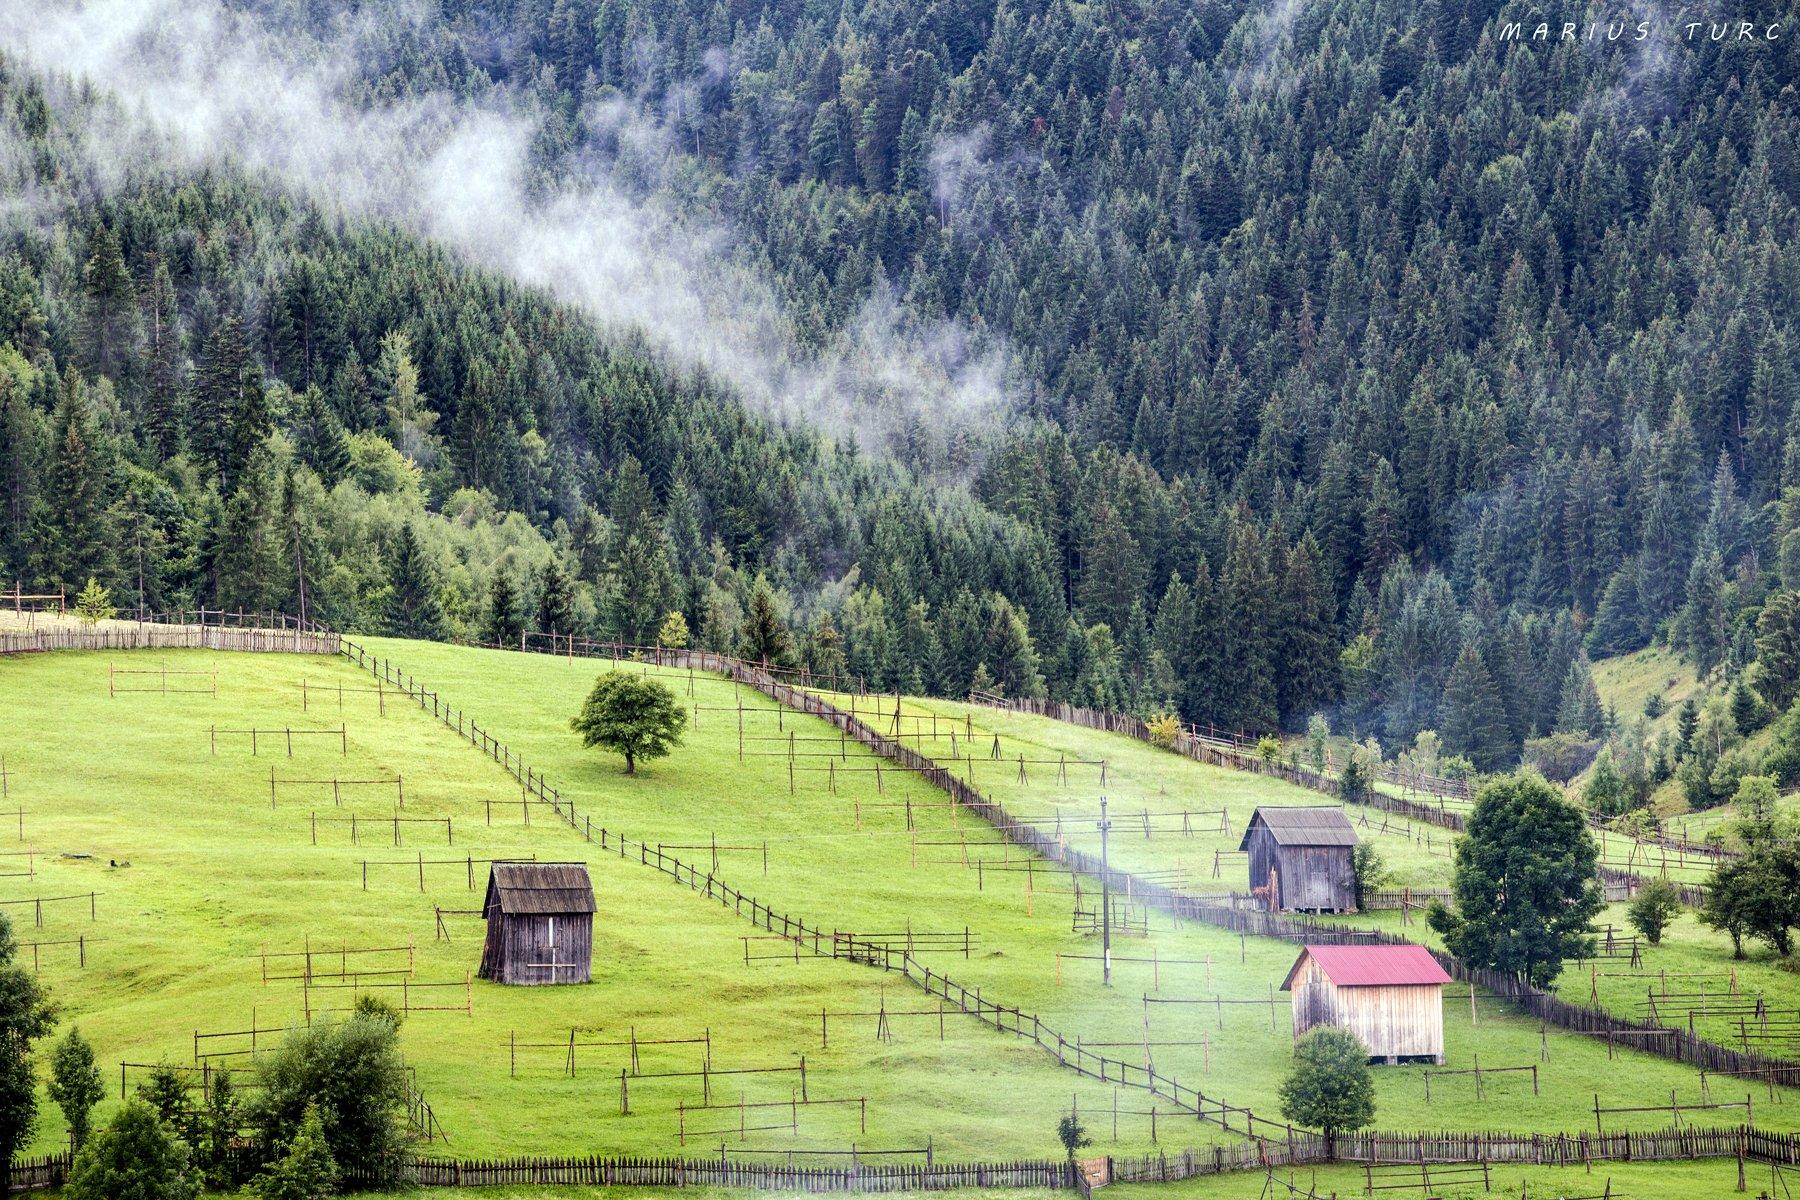 mist,trees,fog,land,hills,nature, Marius Turc